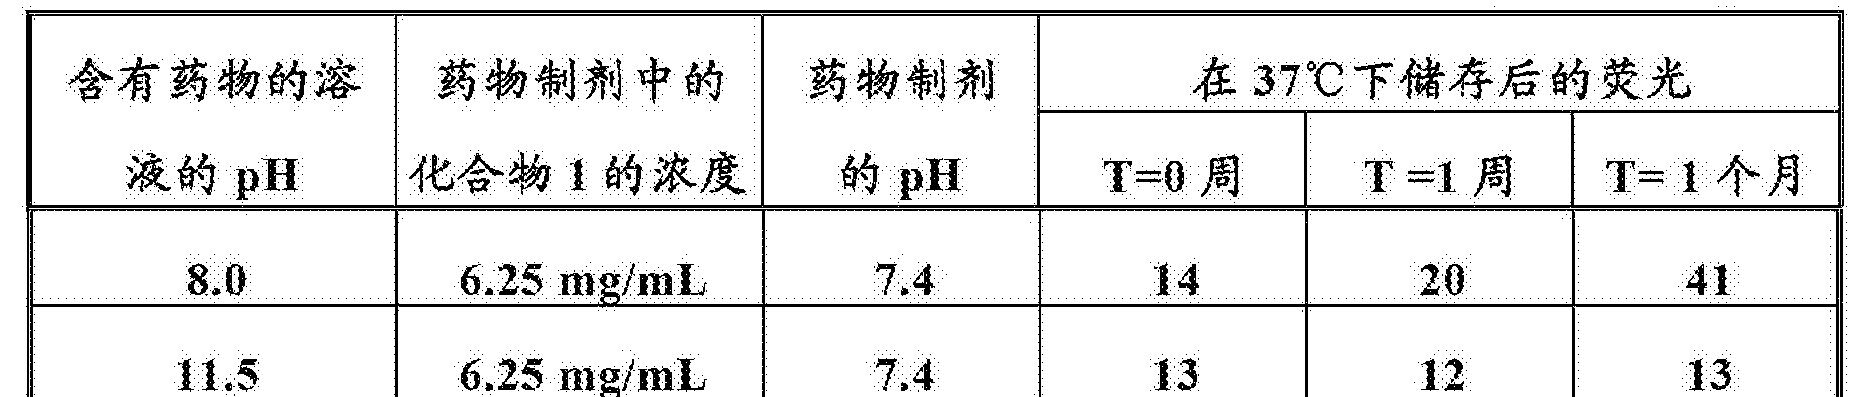 Figure CN102940879BD00132